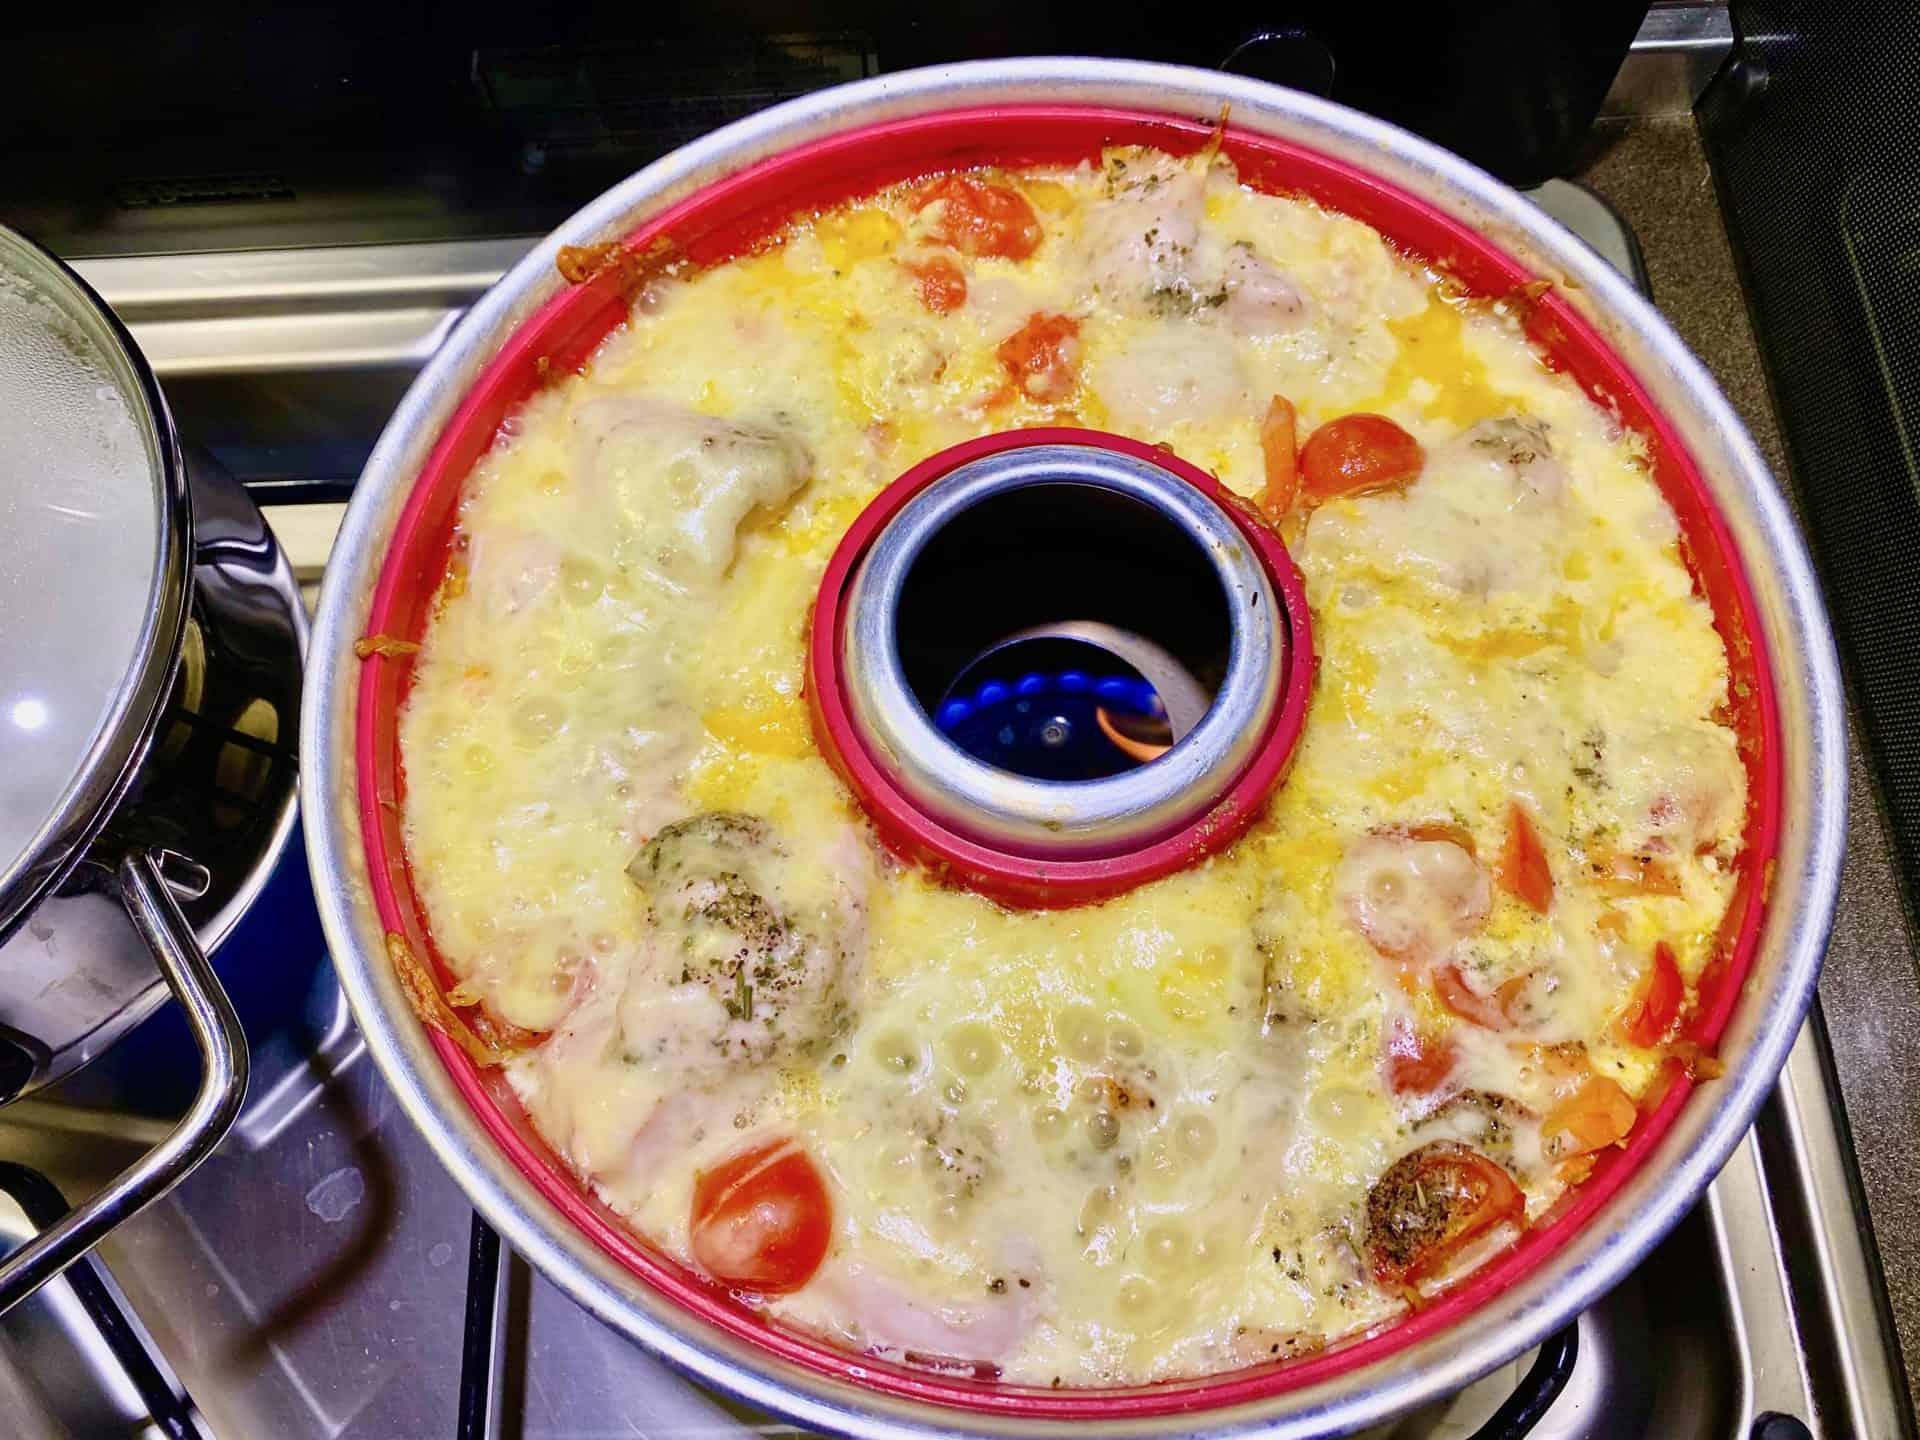 Omnia_Backofen_Freestyle_Cooking_Einfach_kochen